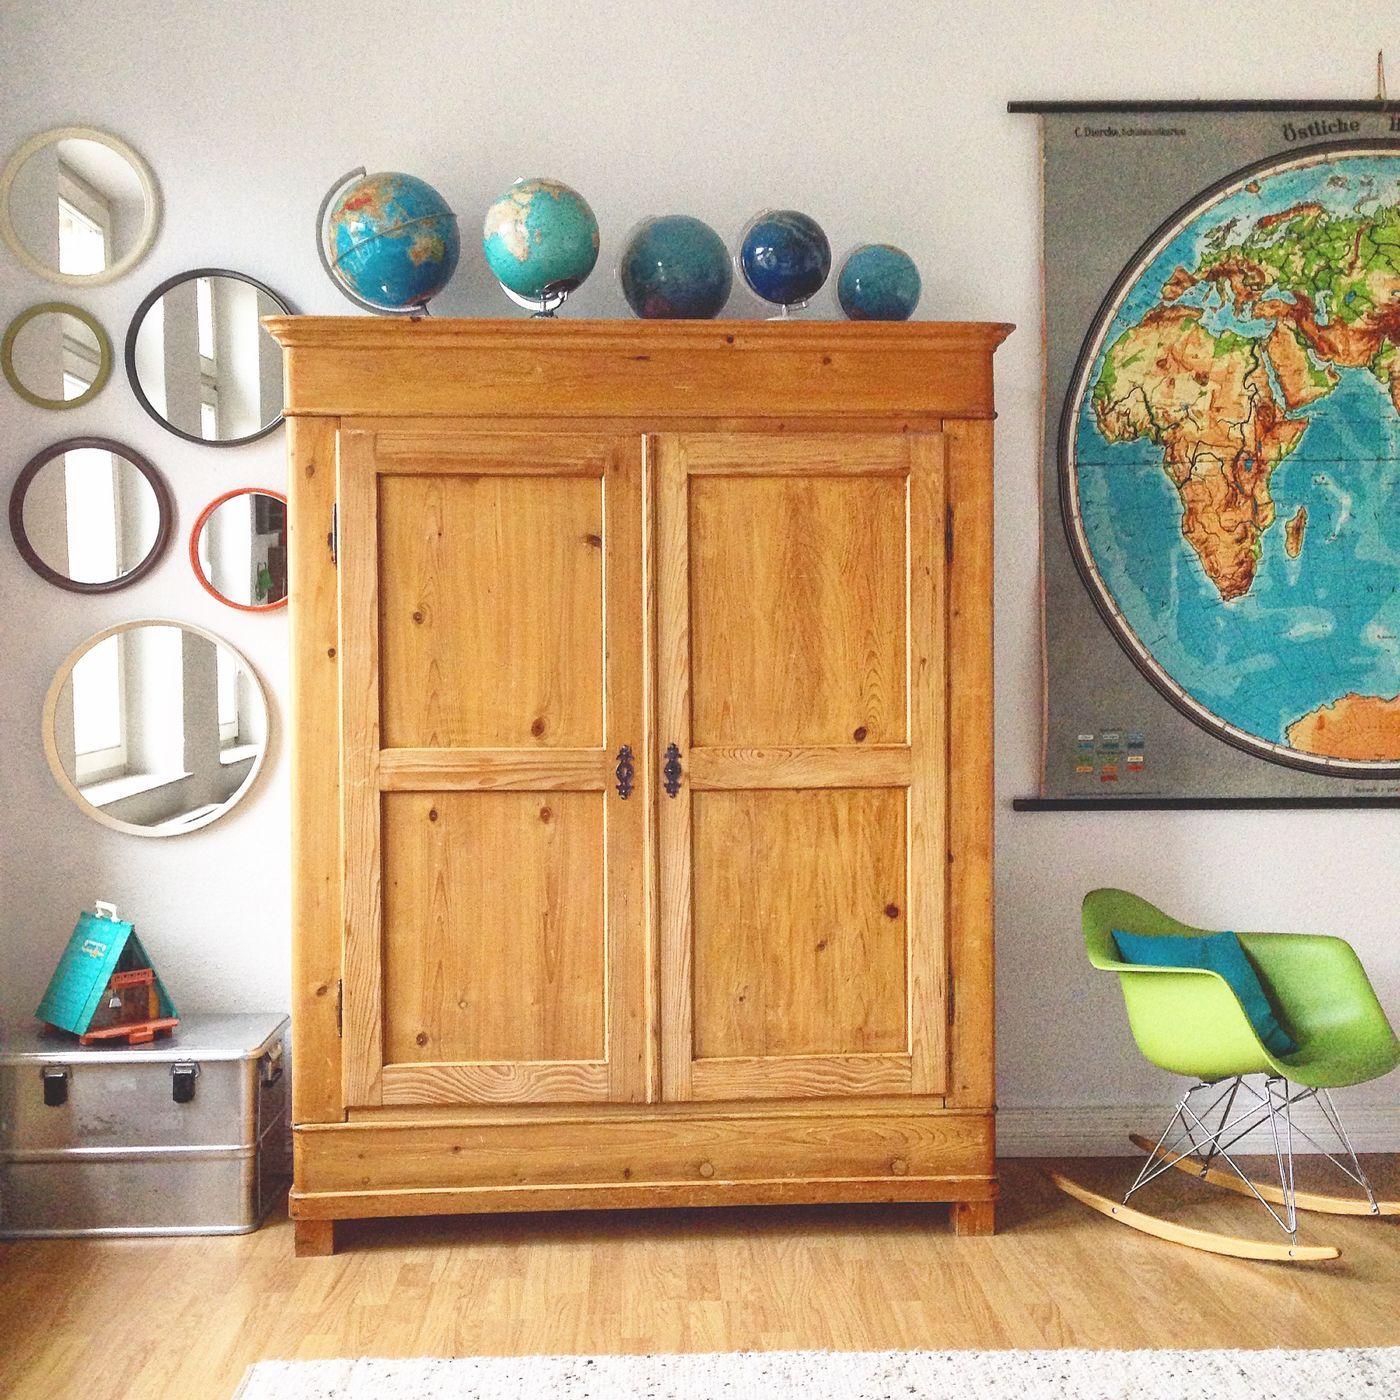 die sch nsten ideen f r dein kinderzimmer seite 3. Black Bedroom Furniture Sets. Home Design Ideas